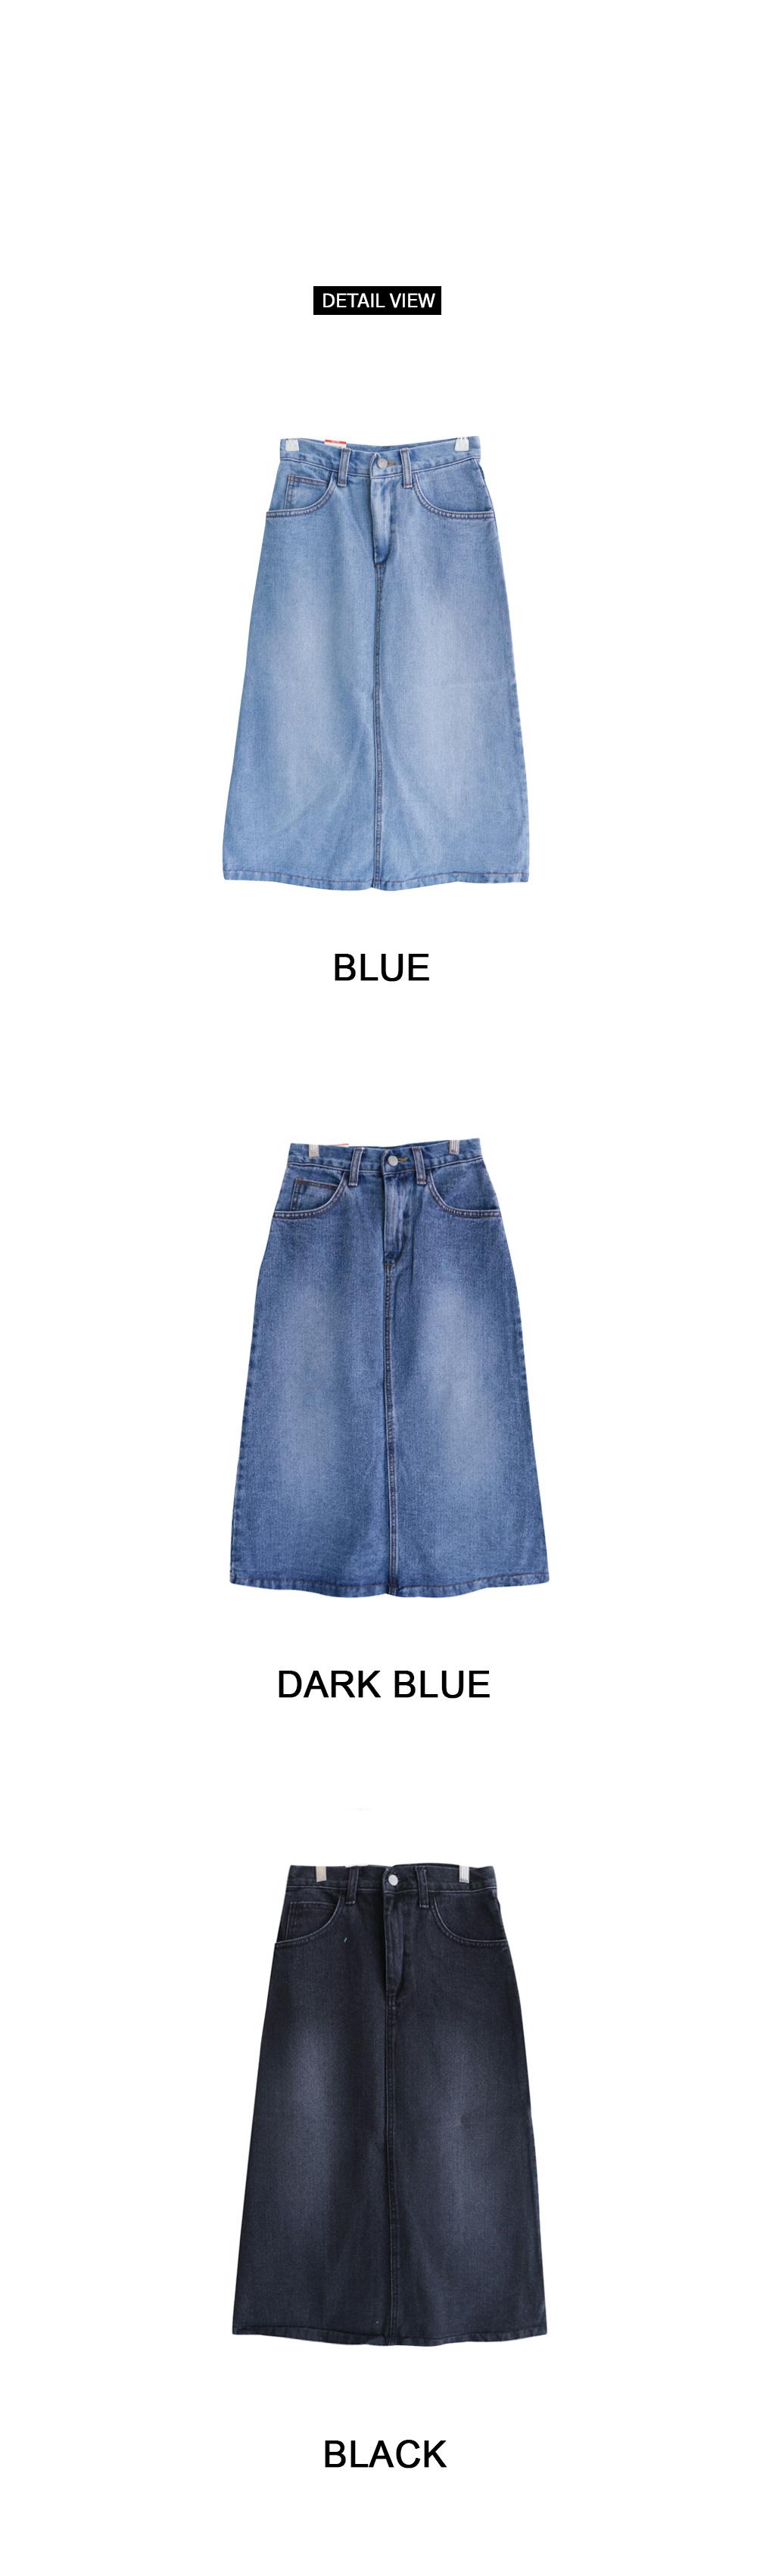 Washed denim long skirt